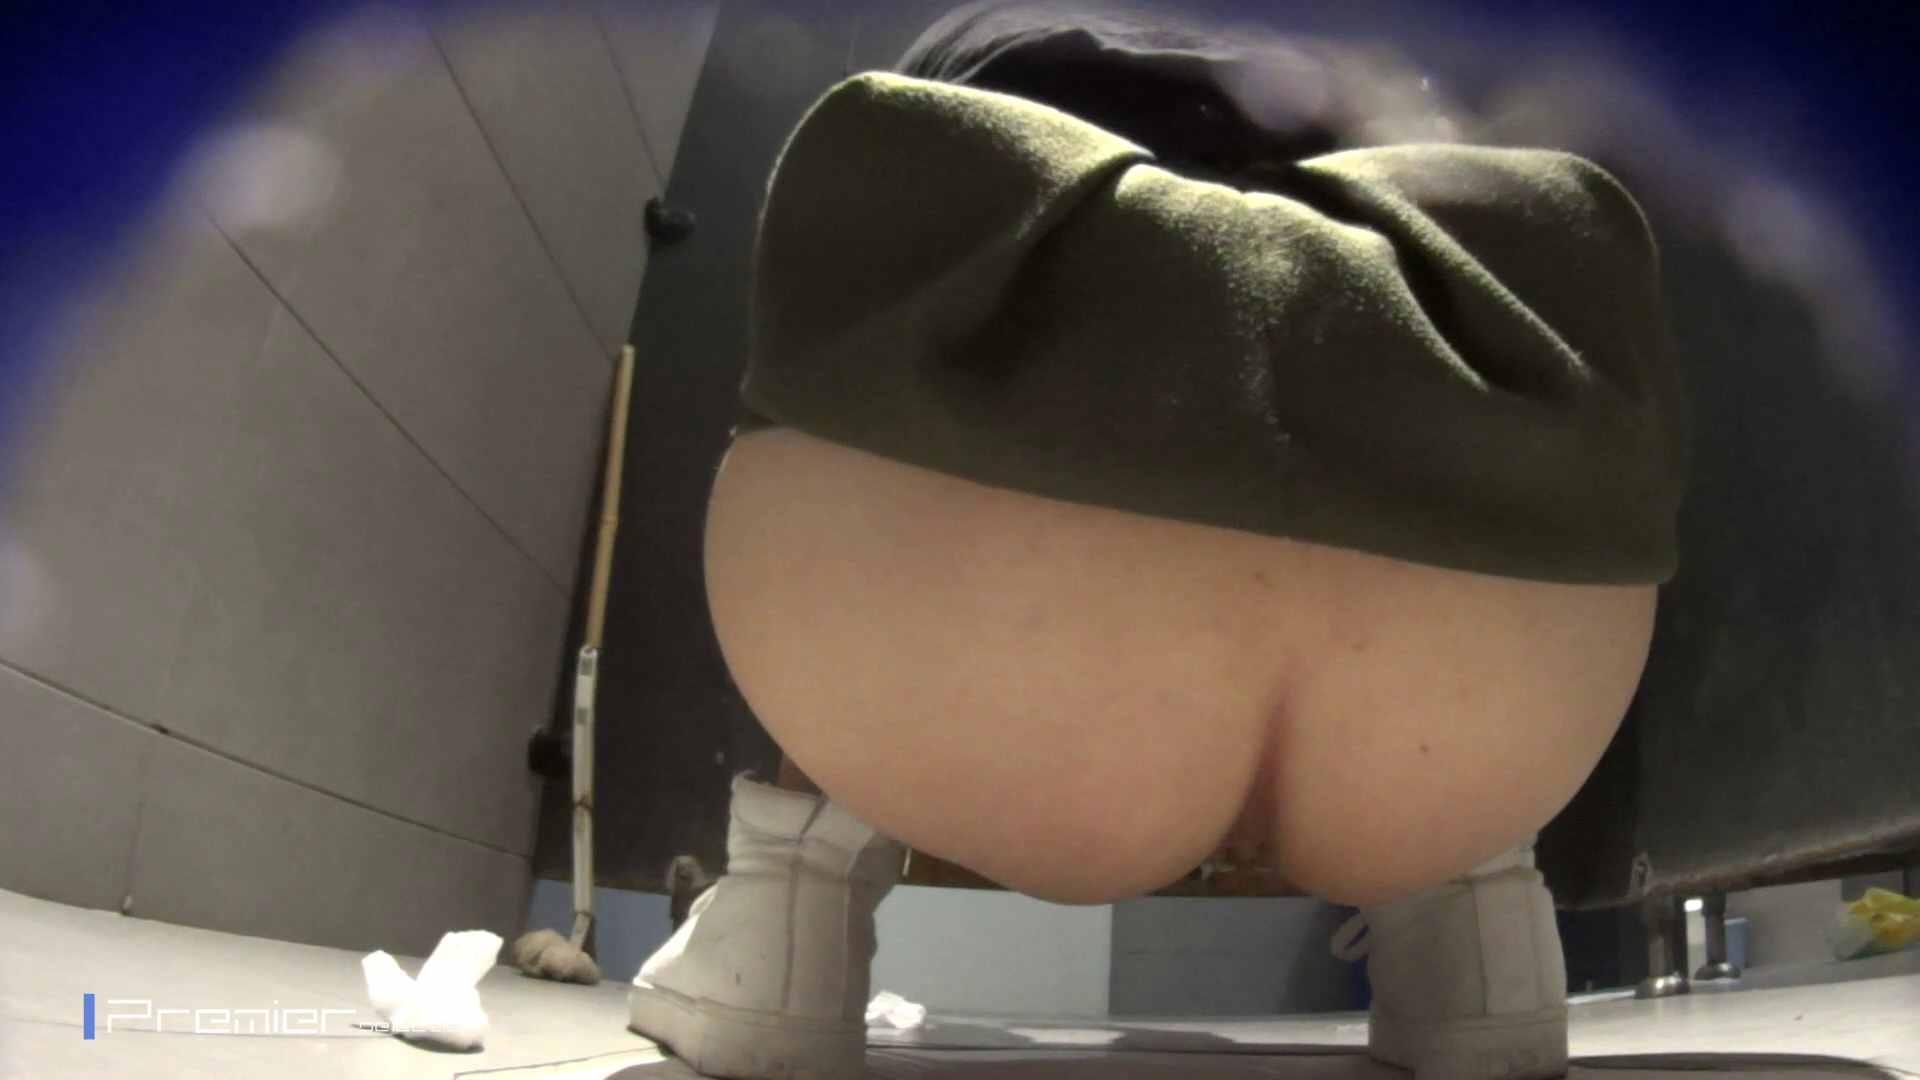 セックスアダルト動画|地味な子ですがhiwaiなあそこ 大学休憩時間の洗面所事情69|怪盗ジョーカー